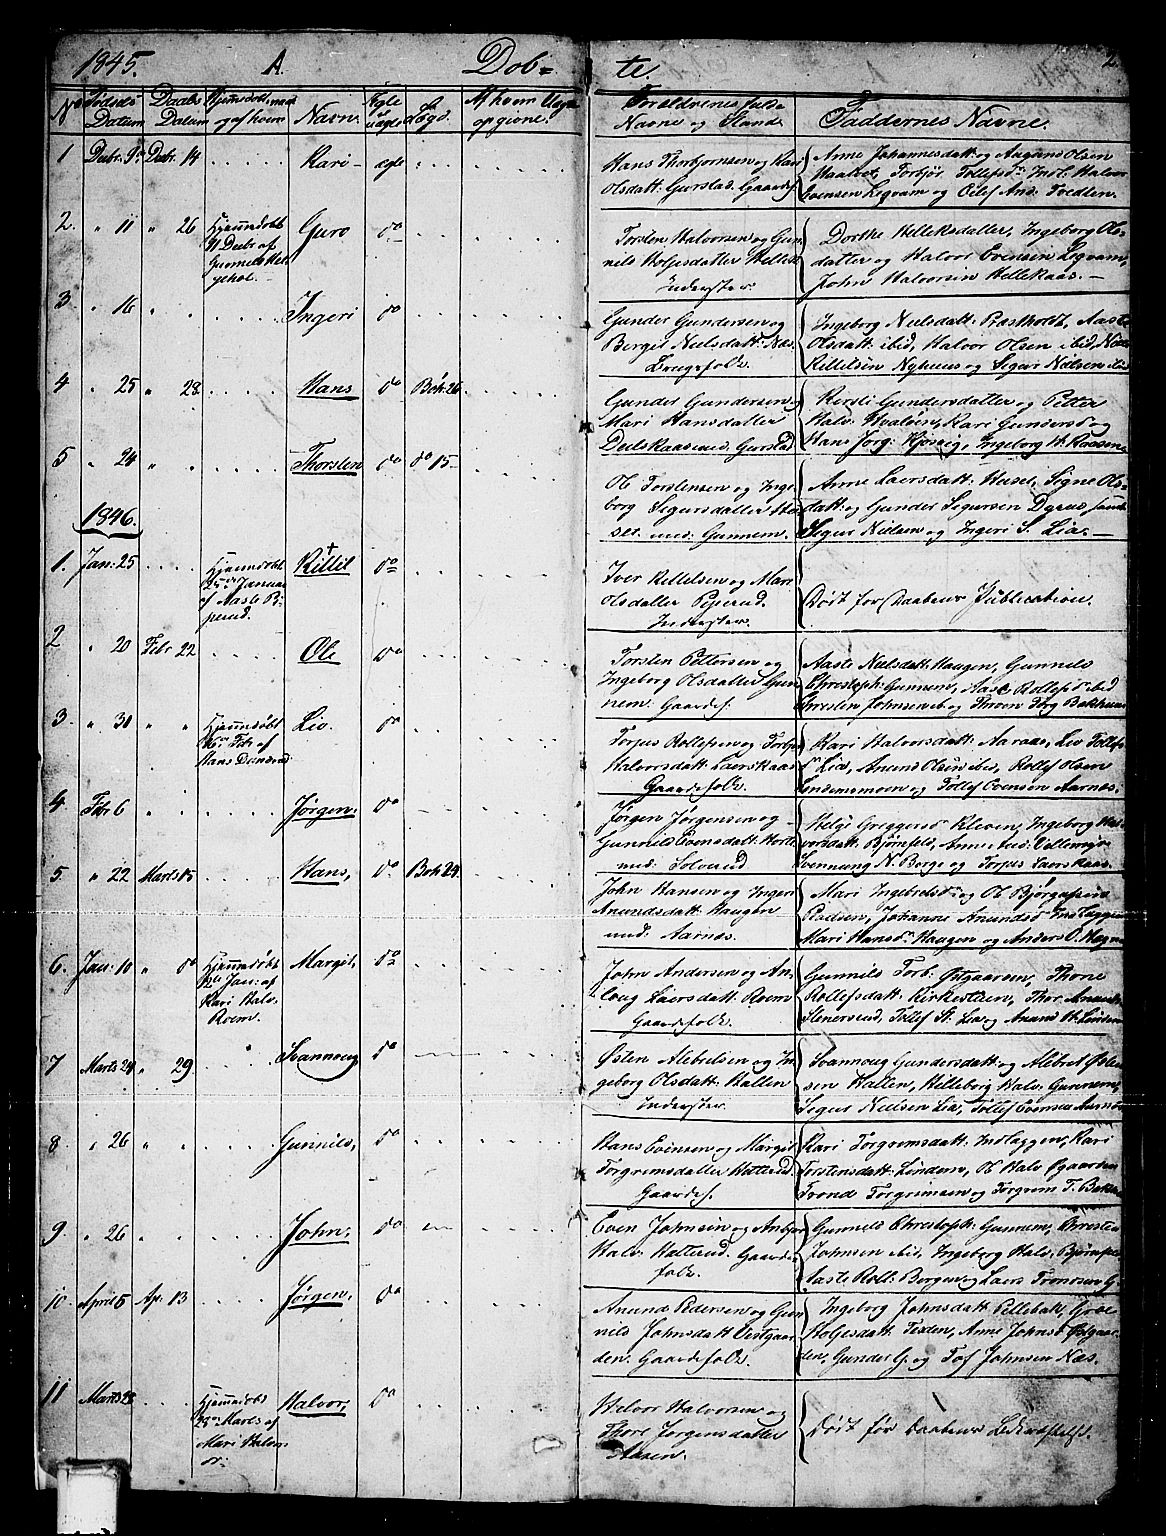 SAKO, Sauherad kirkebøker, G/Gb/L0001: Klokkerbok nr. II 1, 1845-1865, s. 2